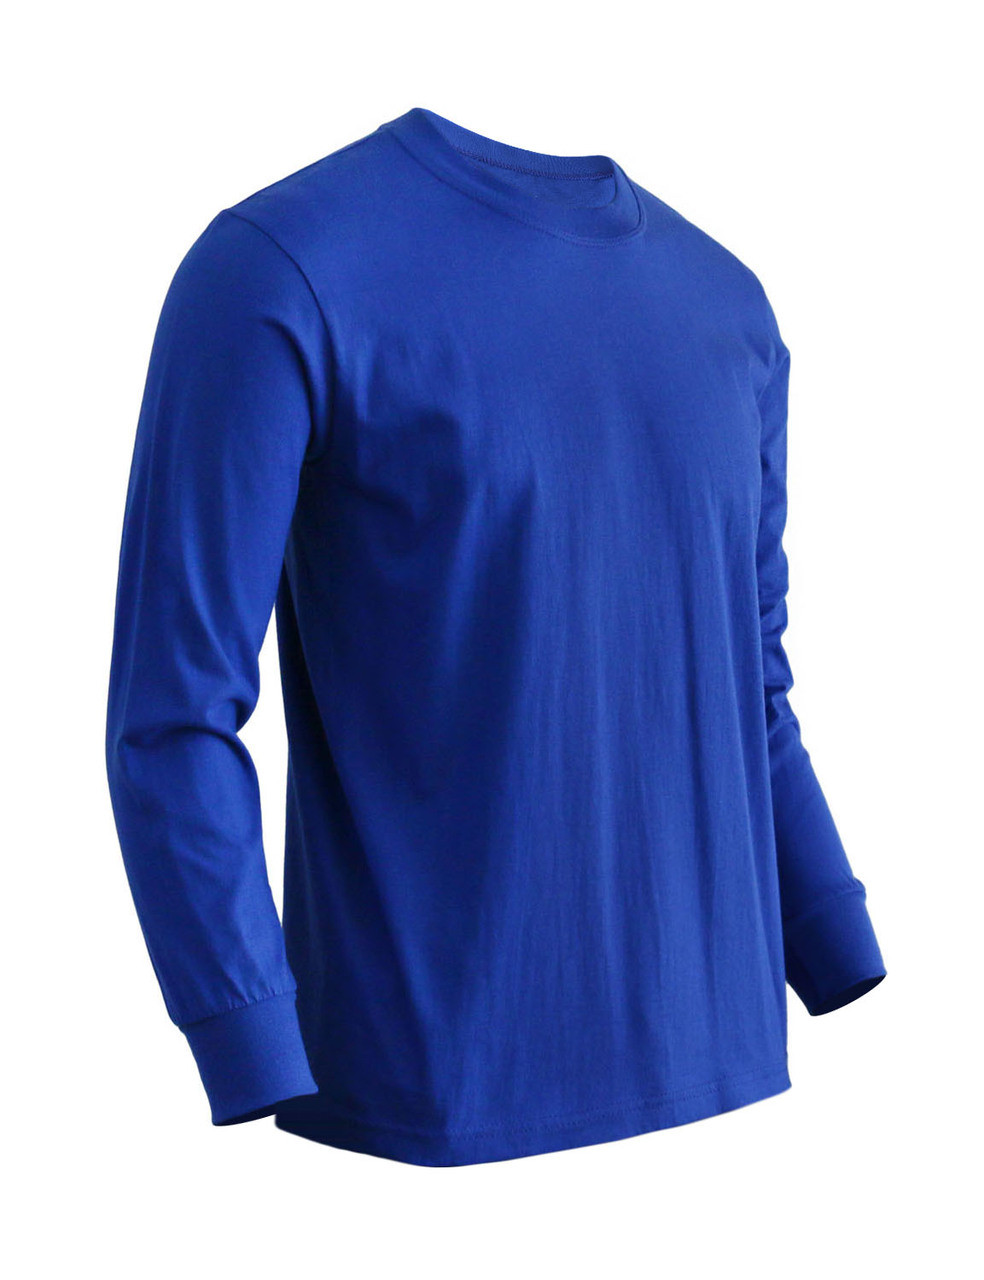 6a82d62c7f4a Basic Cobalt Blue Crew Neckline Long Sleeves Cotton T-Shirt